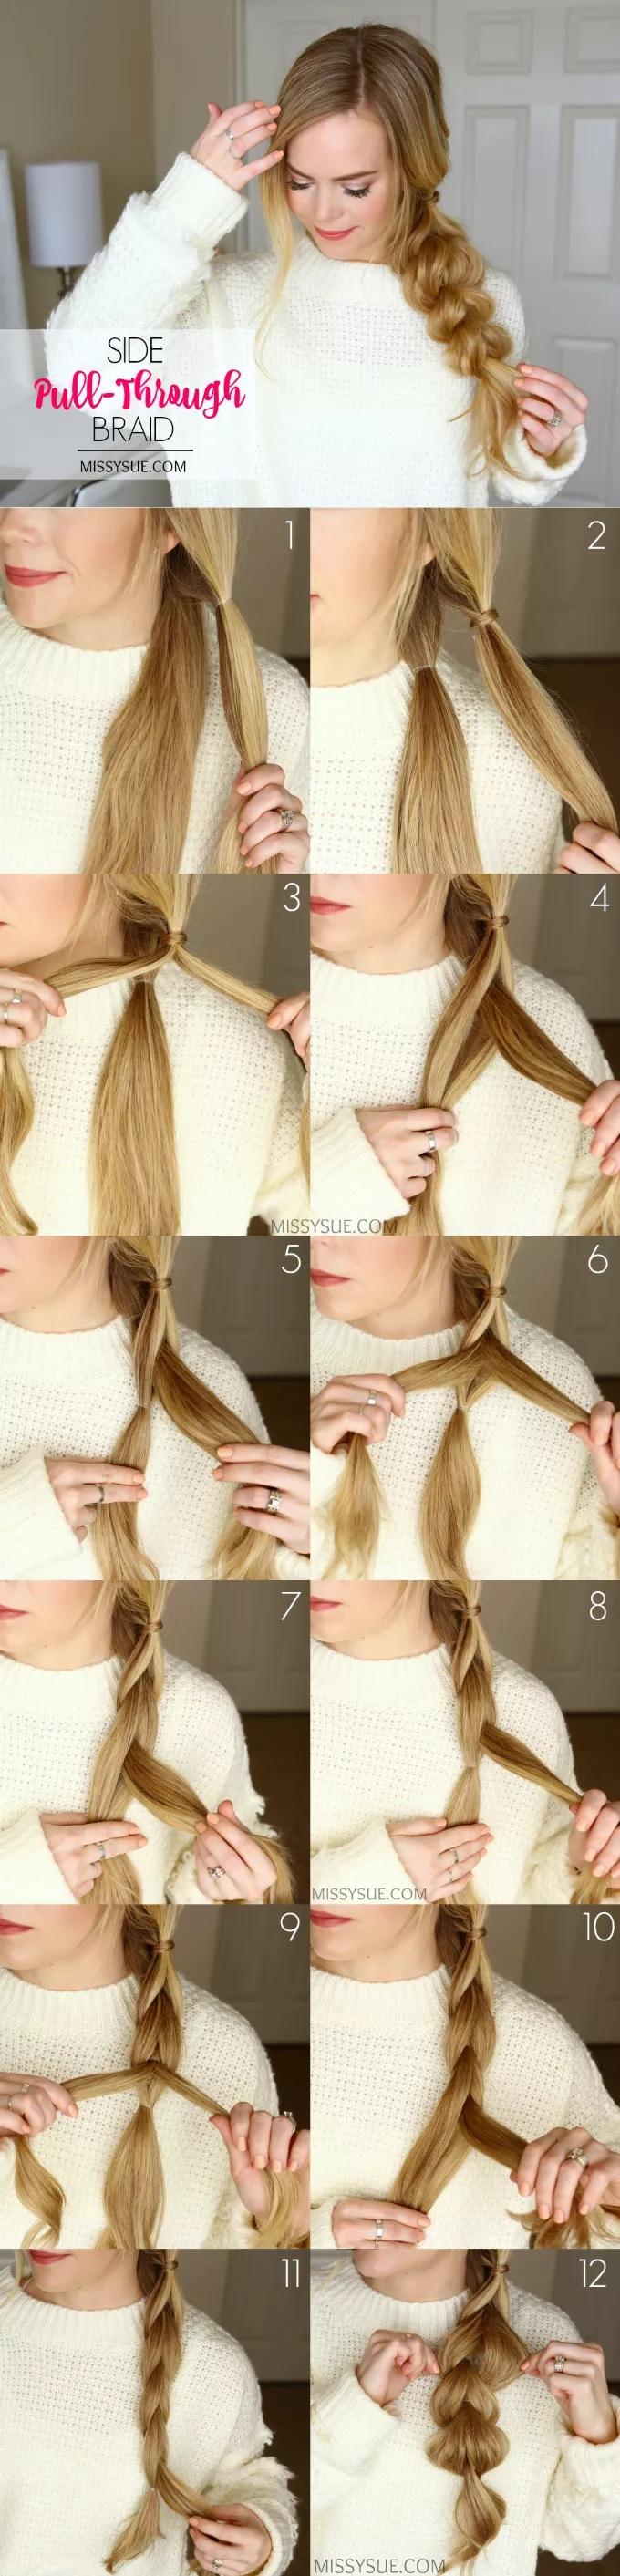 15 Coiffures Faciles Pour Les Cheveux Longs Vous Pouvez Les Faire A